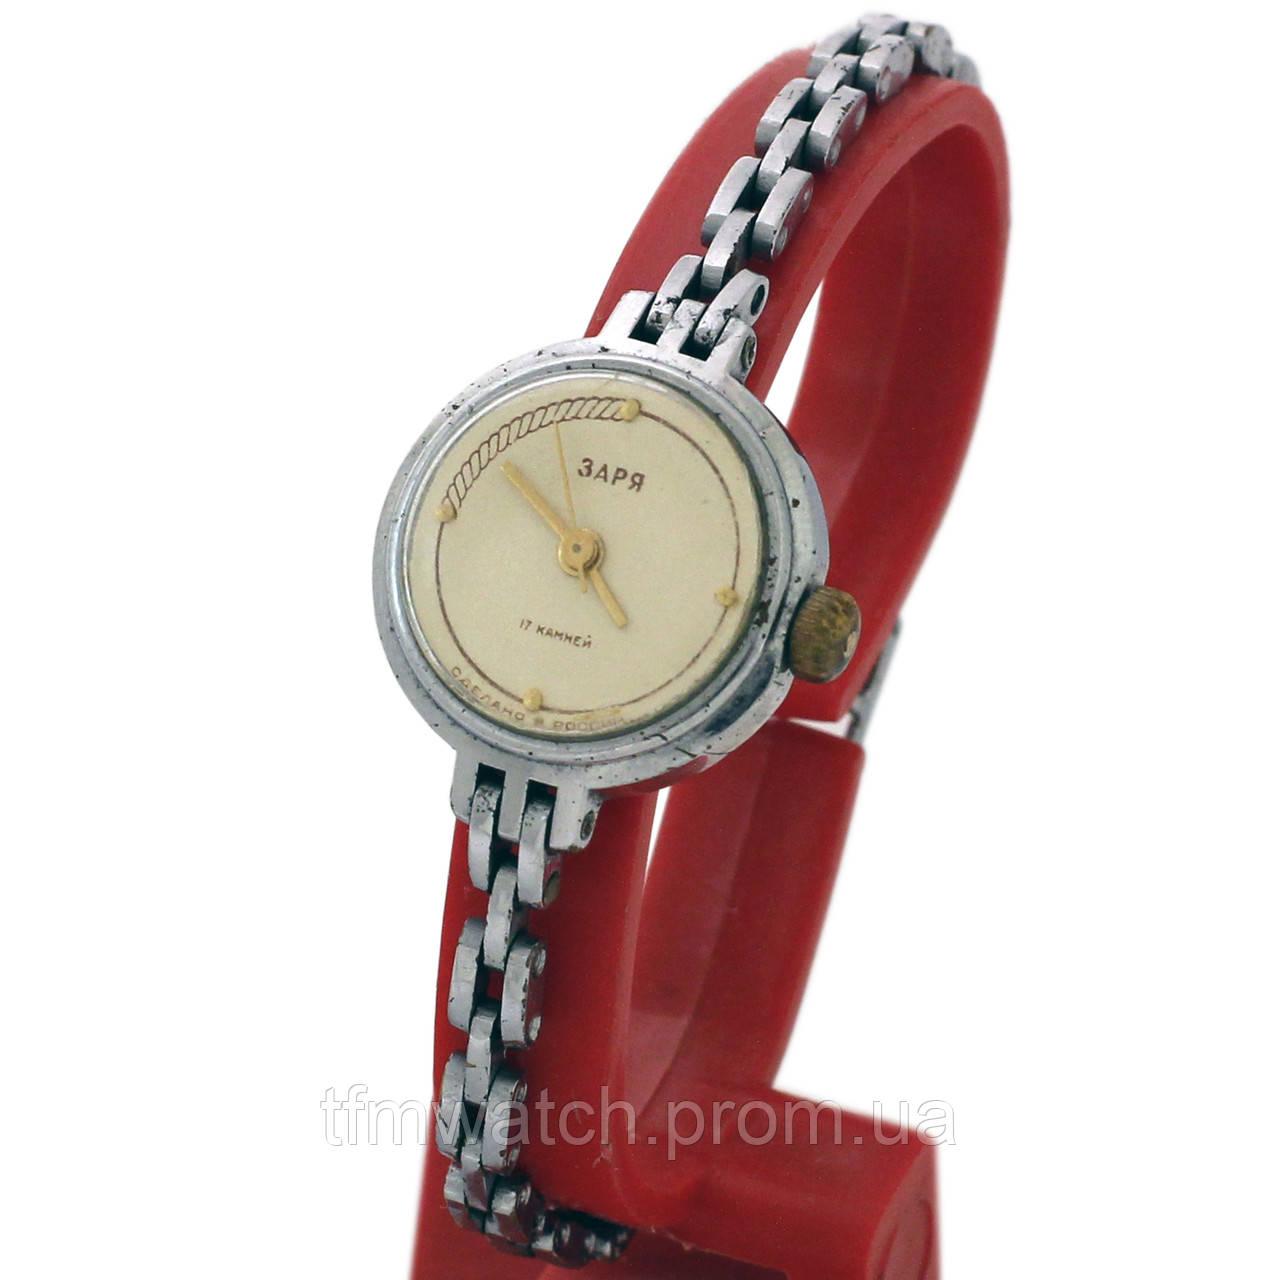 Чайка стоимость часы скупка золотые часы